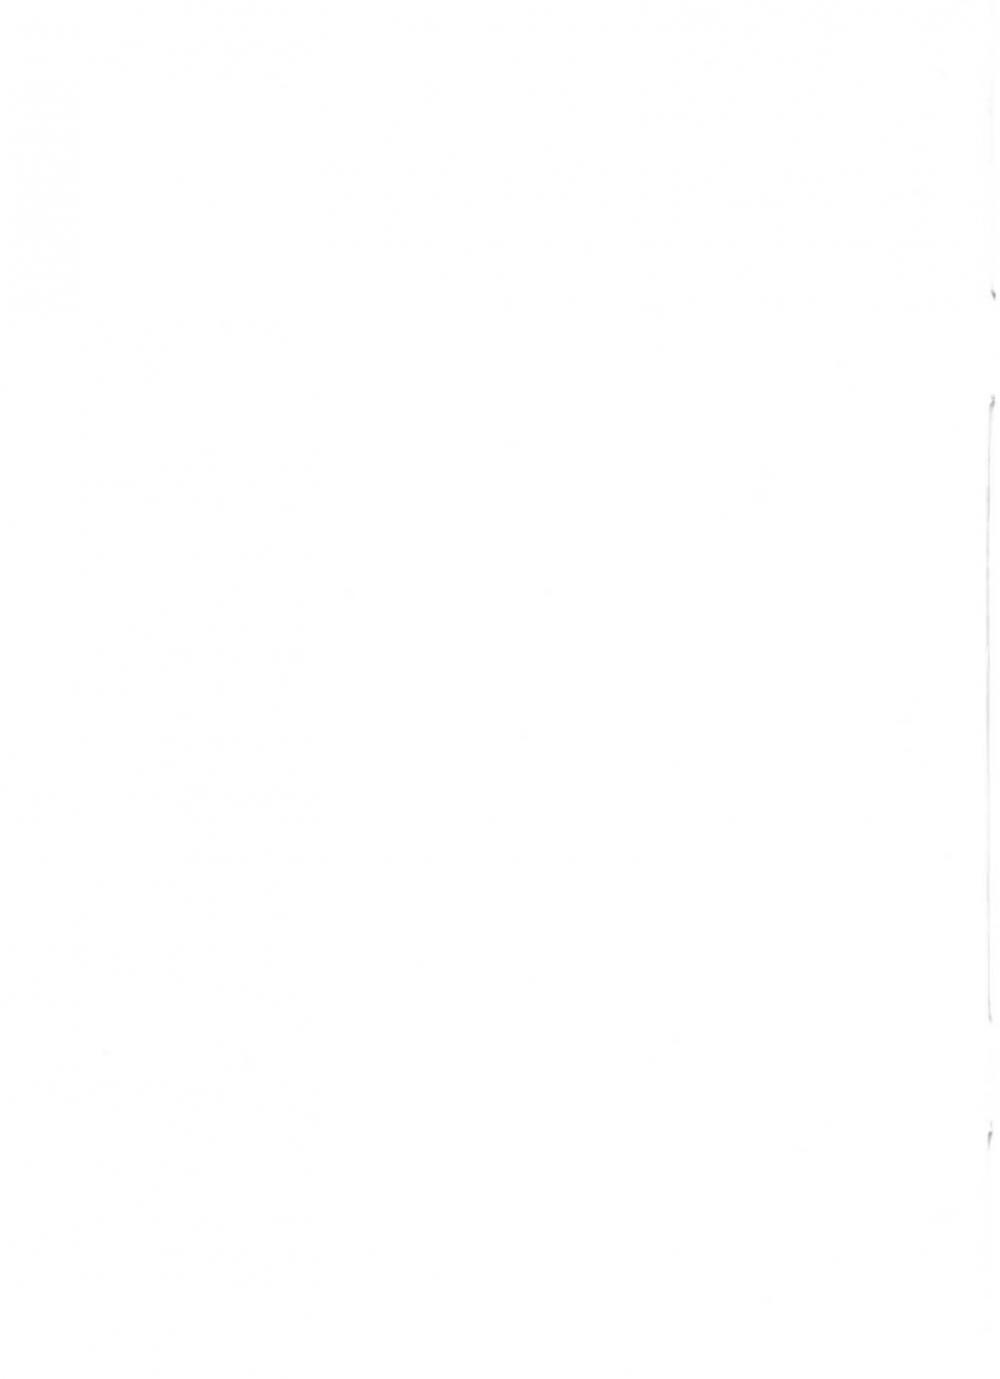 Готуємось до ЗНО 2018. Граматика української мови в таблицях та схемах. Авт: Чукіна В. Вид-во: Логос. купити 1